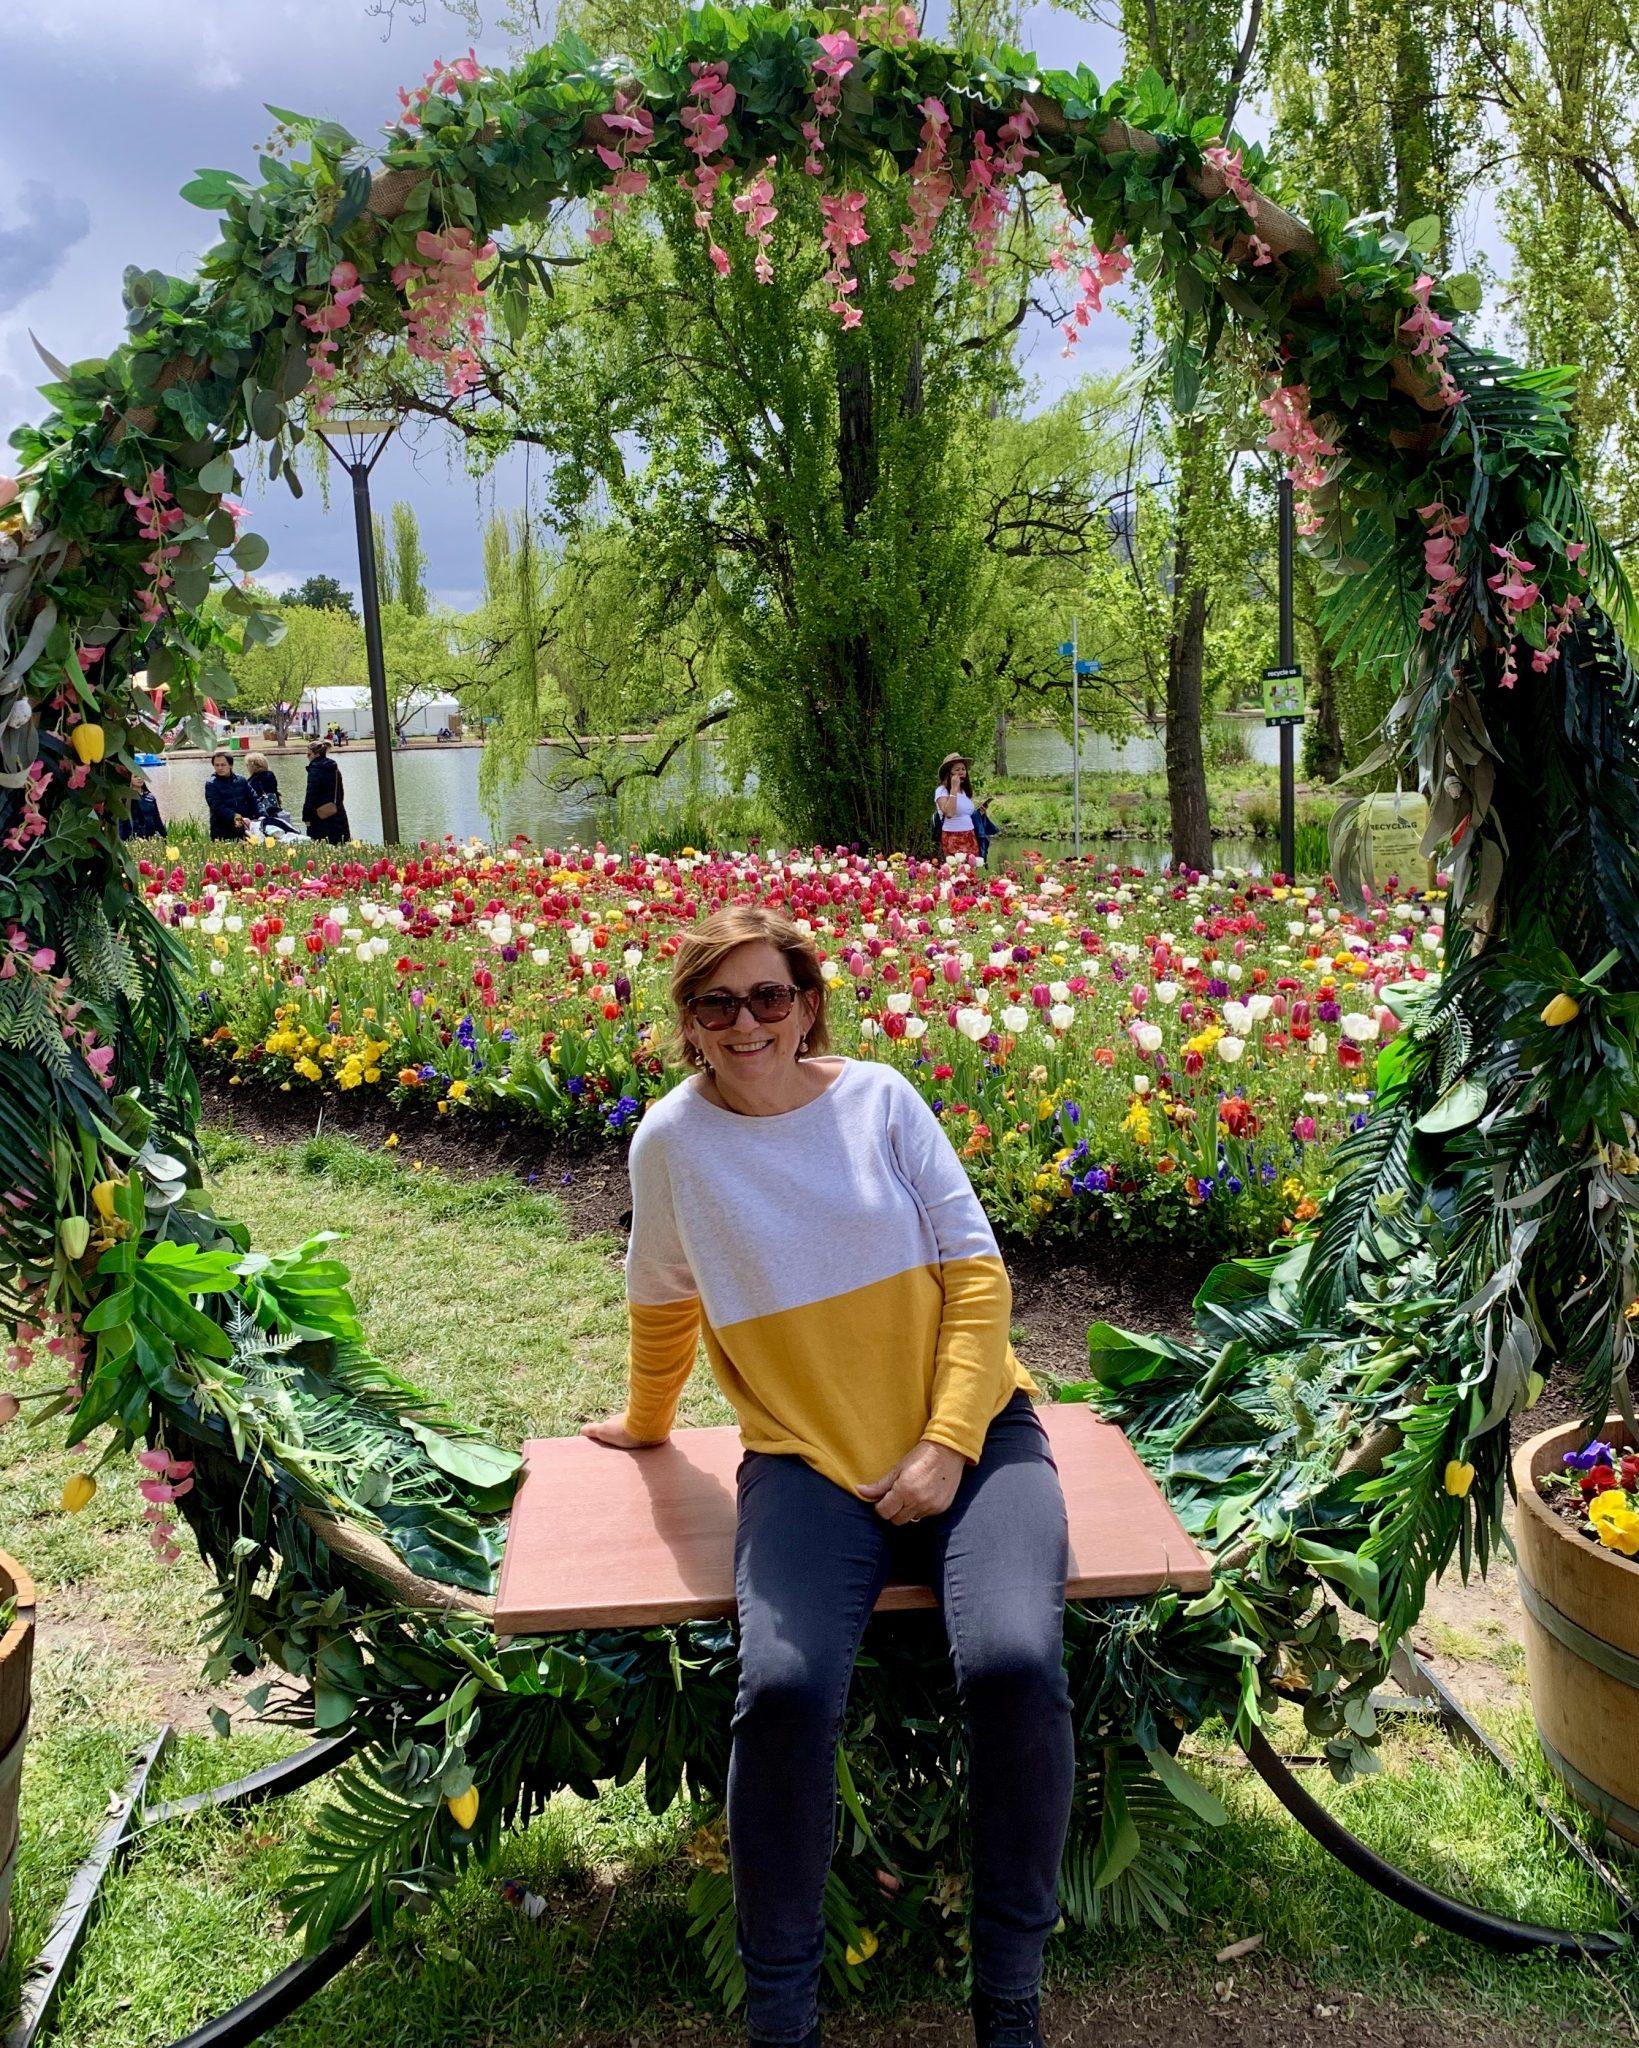 Debbie at Floriade 2019